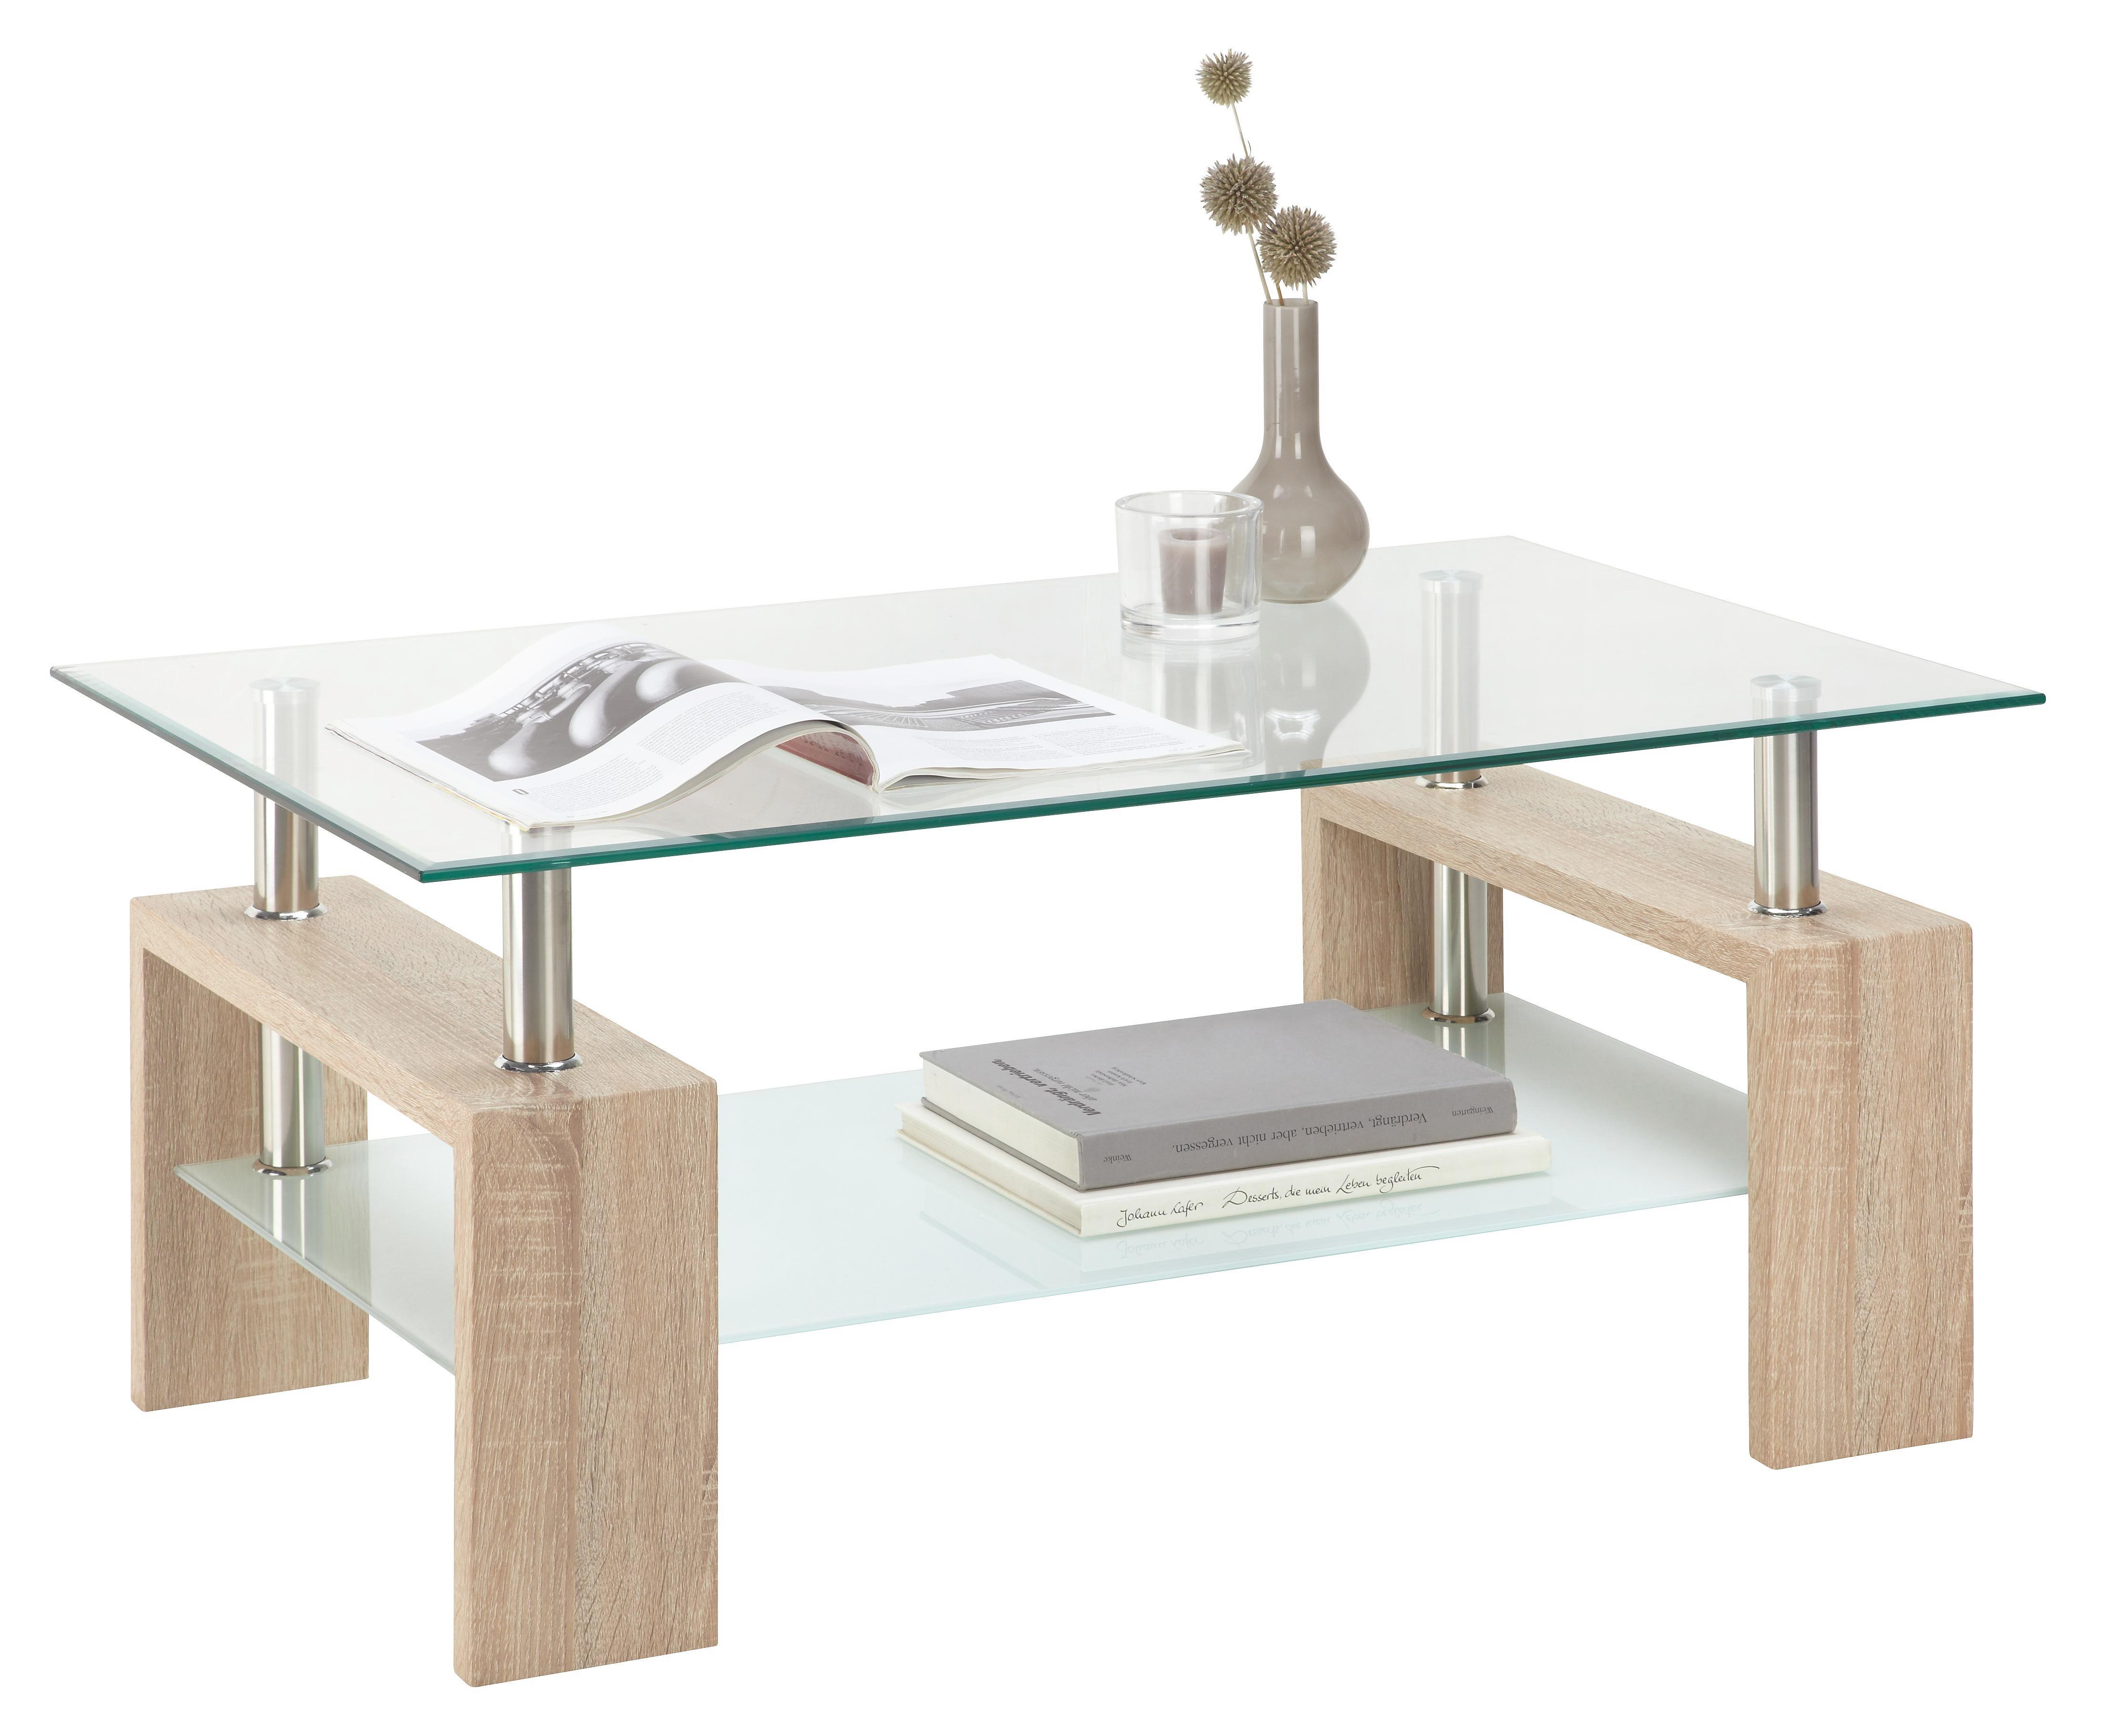 Couchtisch Glas Eichefarben Eichefarben Modern Glasholz With Couch Tisch.